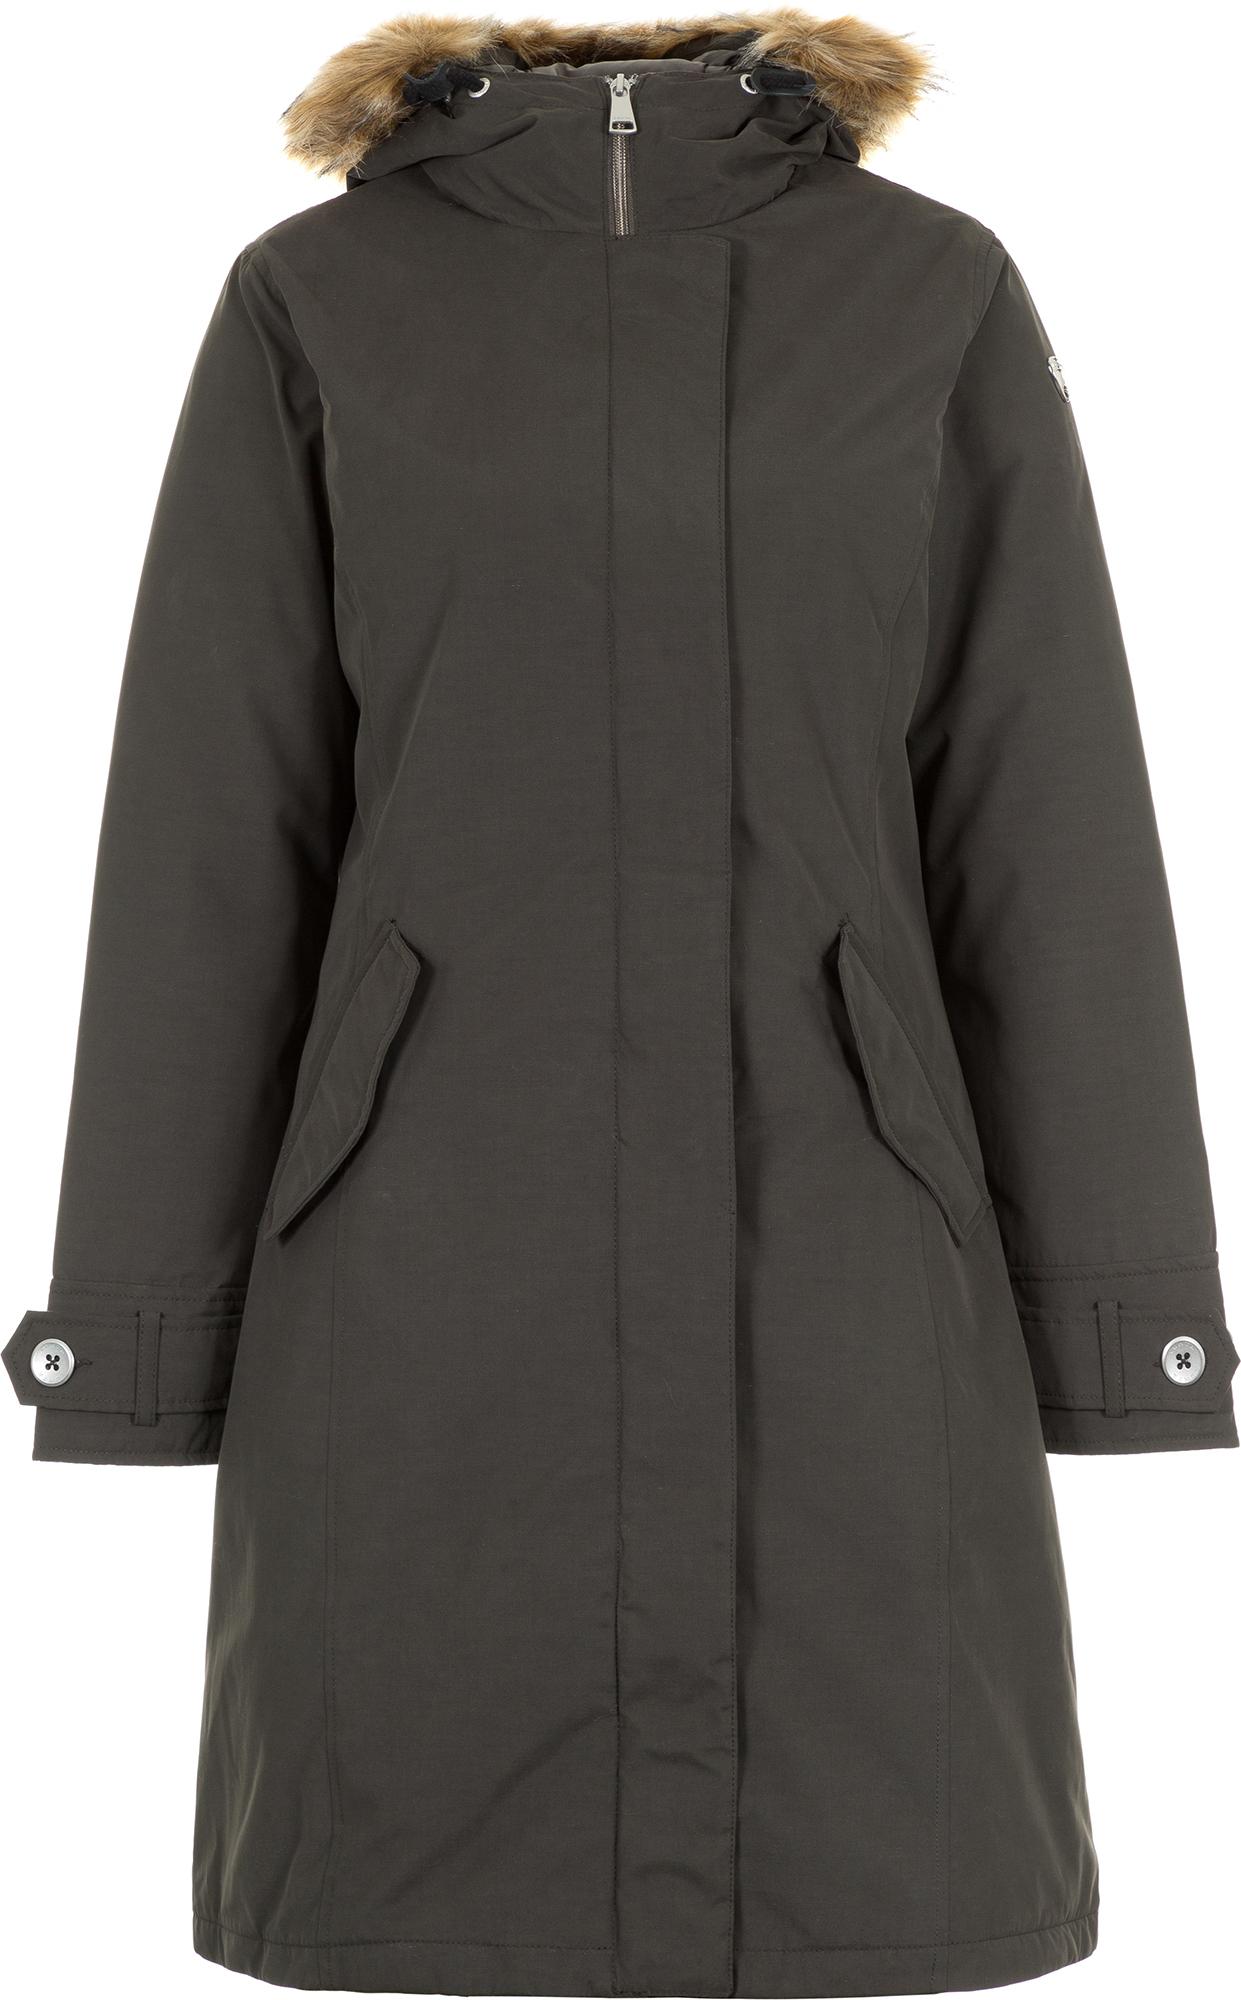 цена на Luhta Пальто утепленное женское Luhta Paulo, размер 44